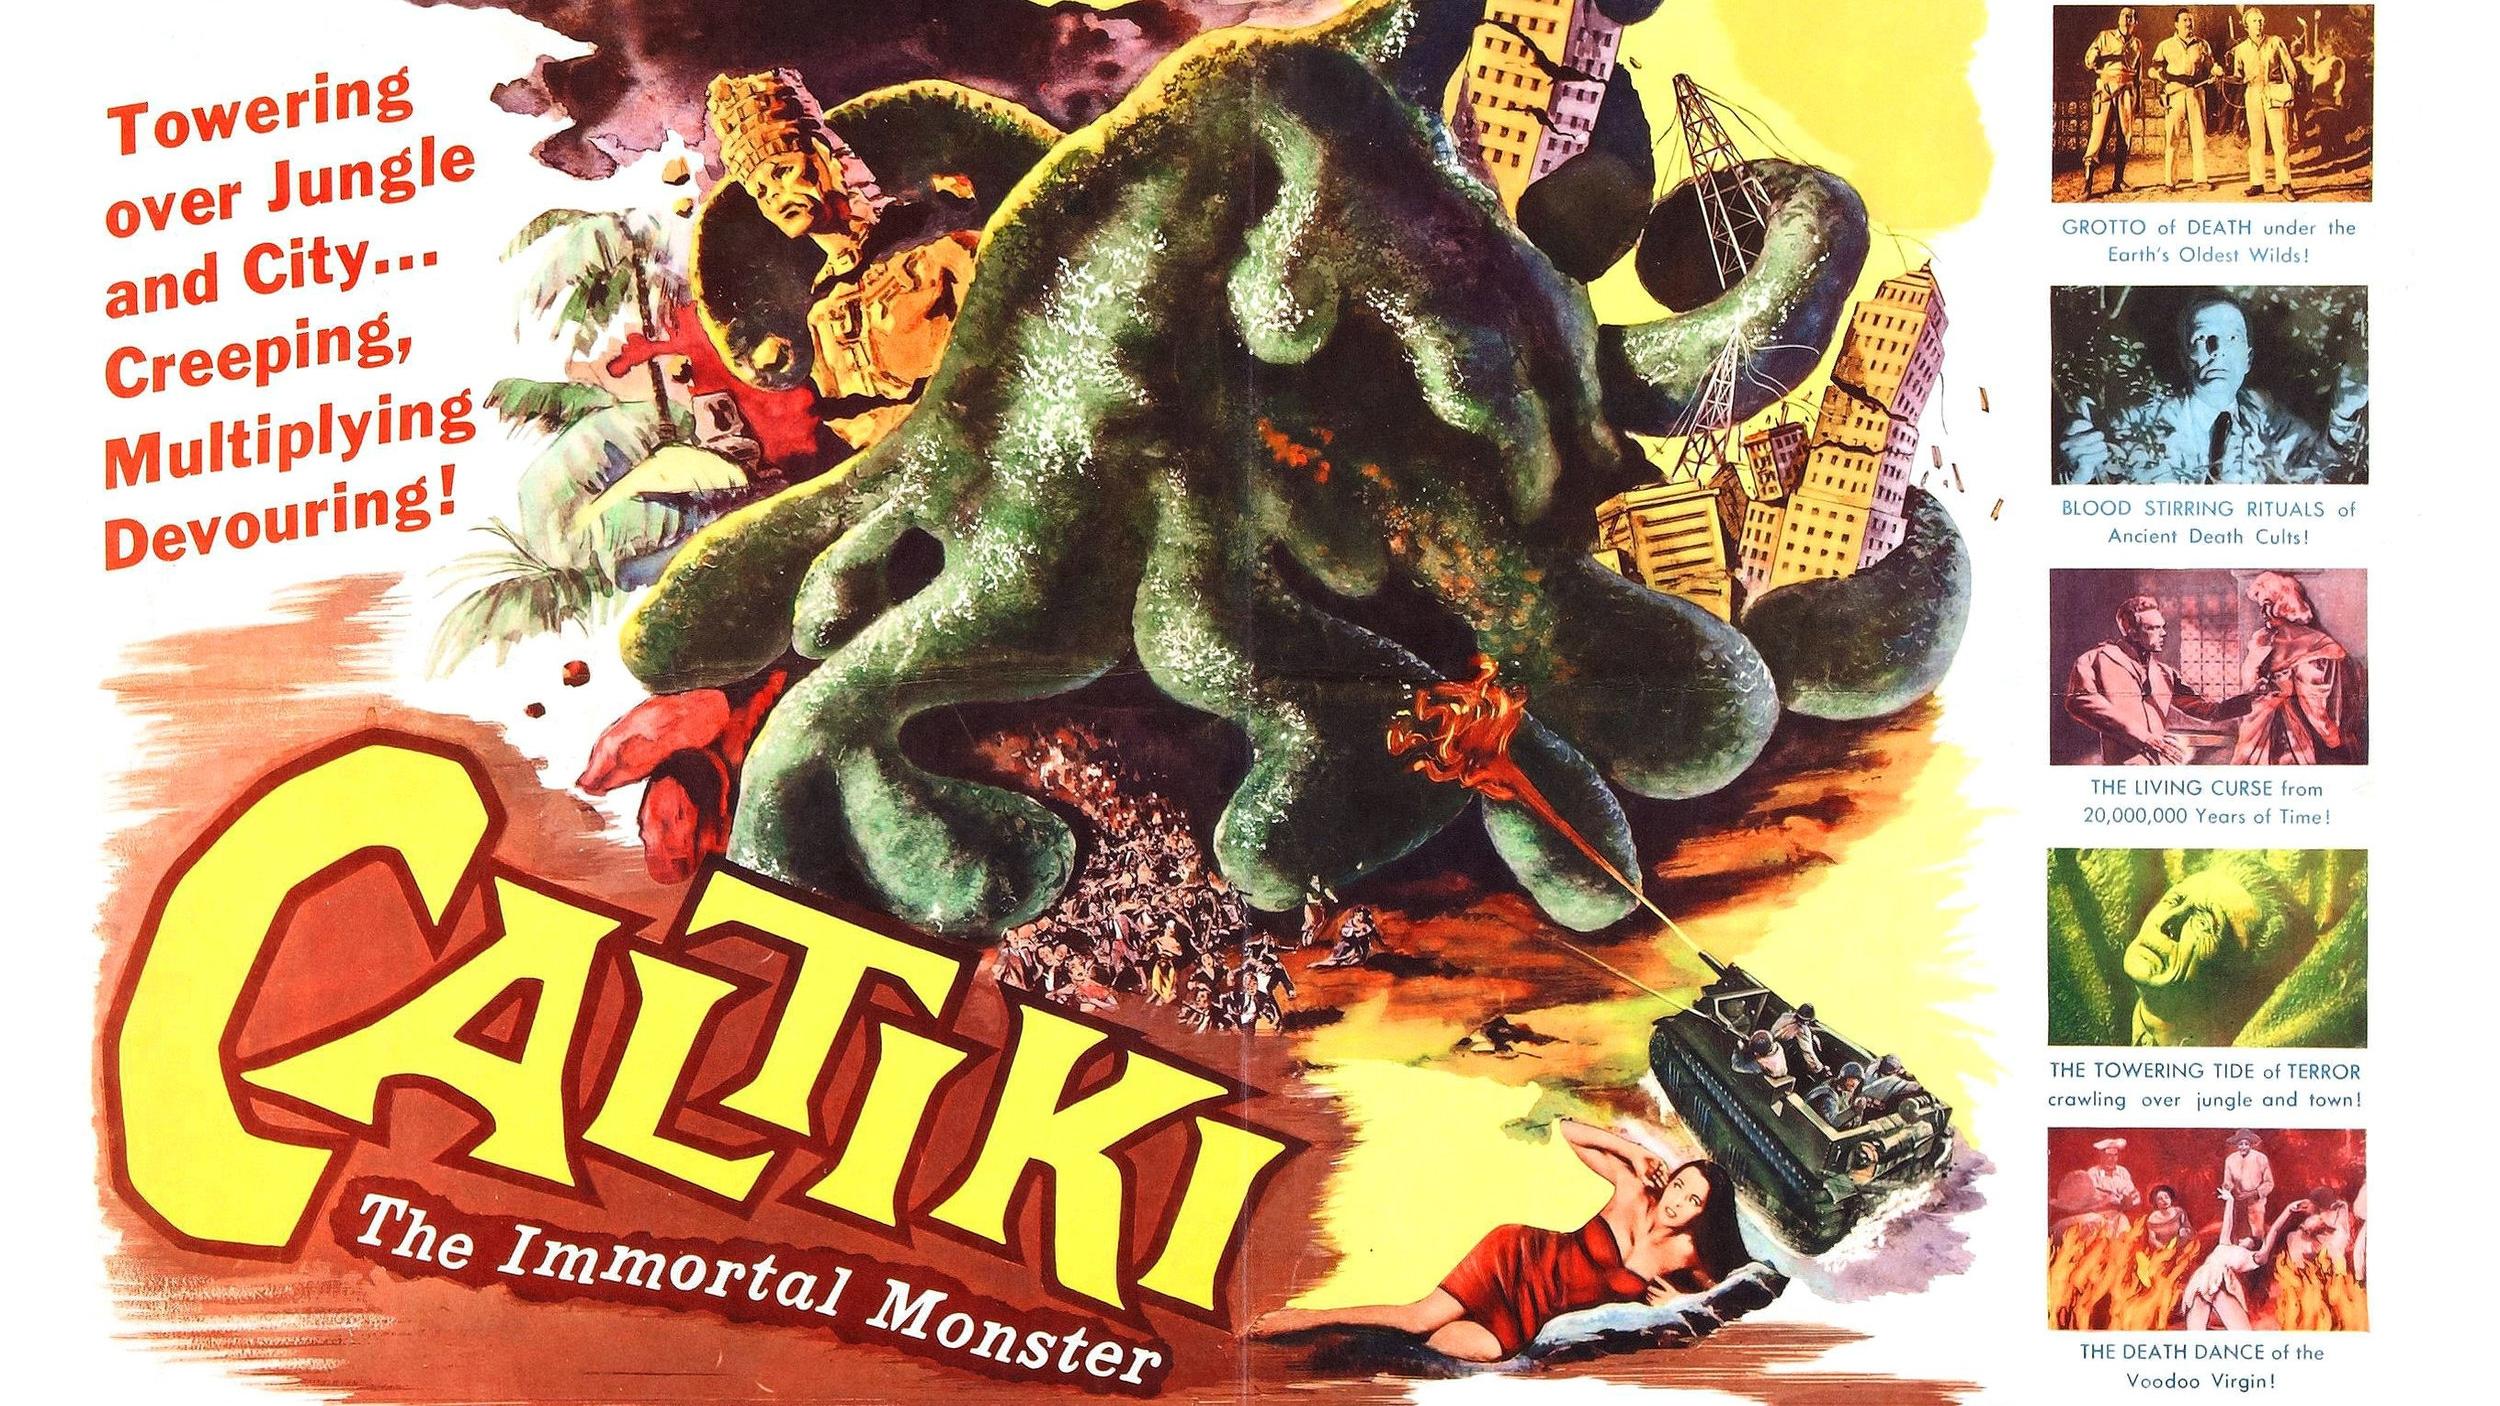 caltiki_immortal_monster_poster_02.jpg